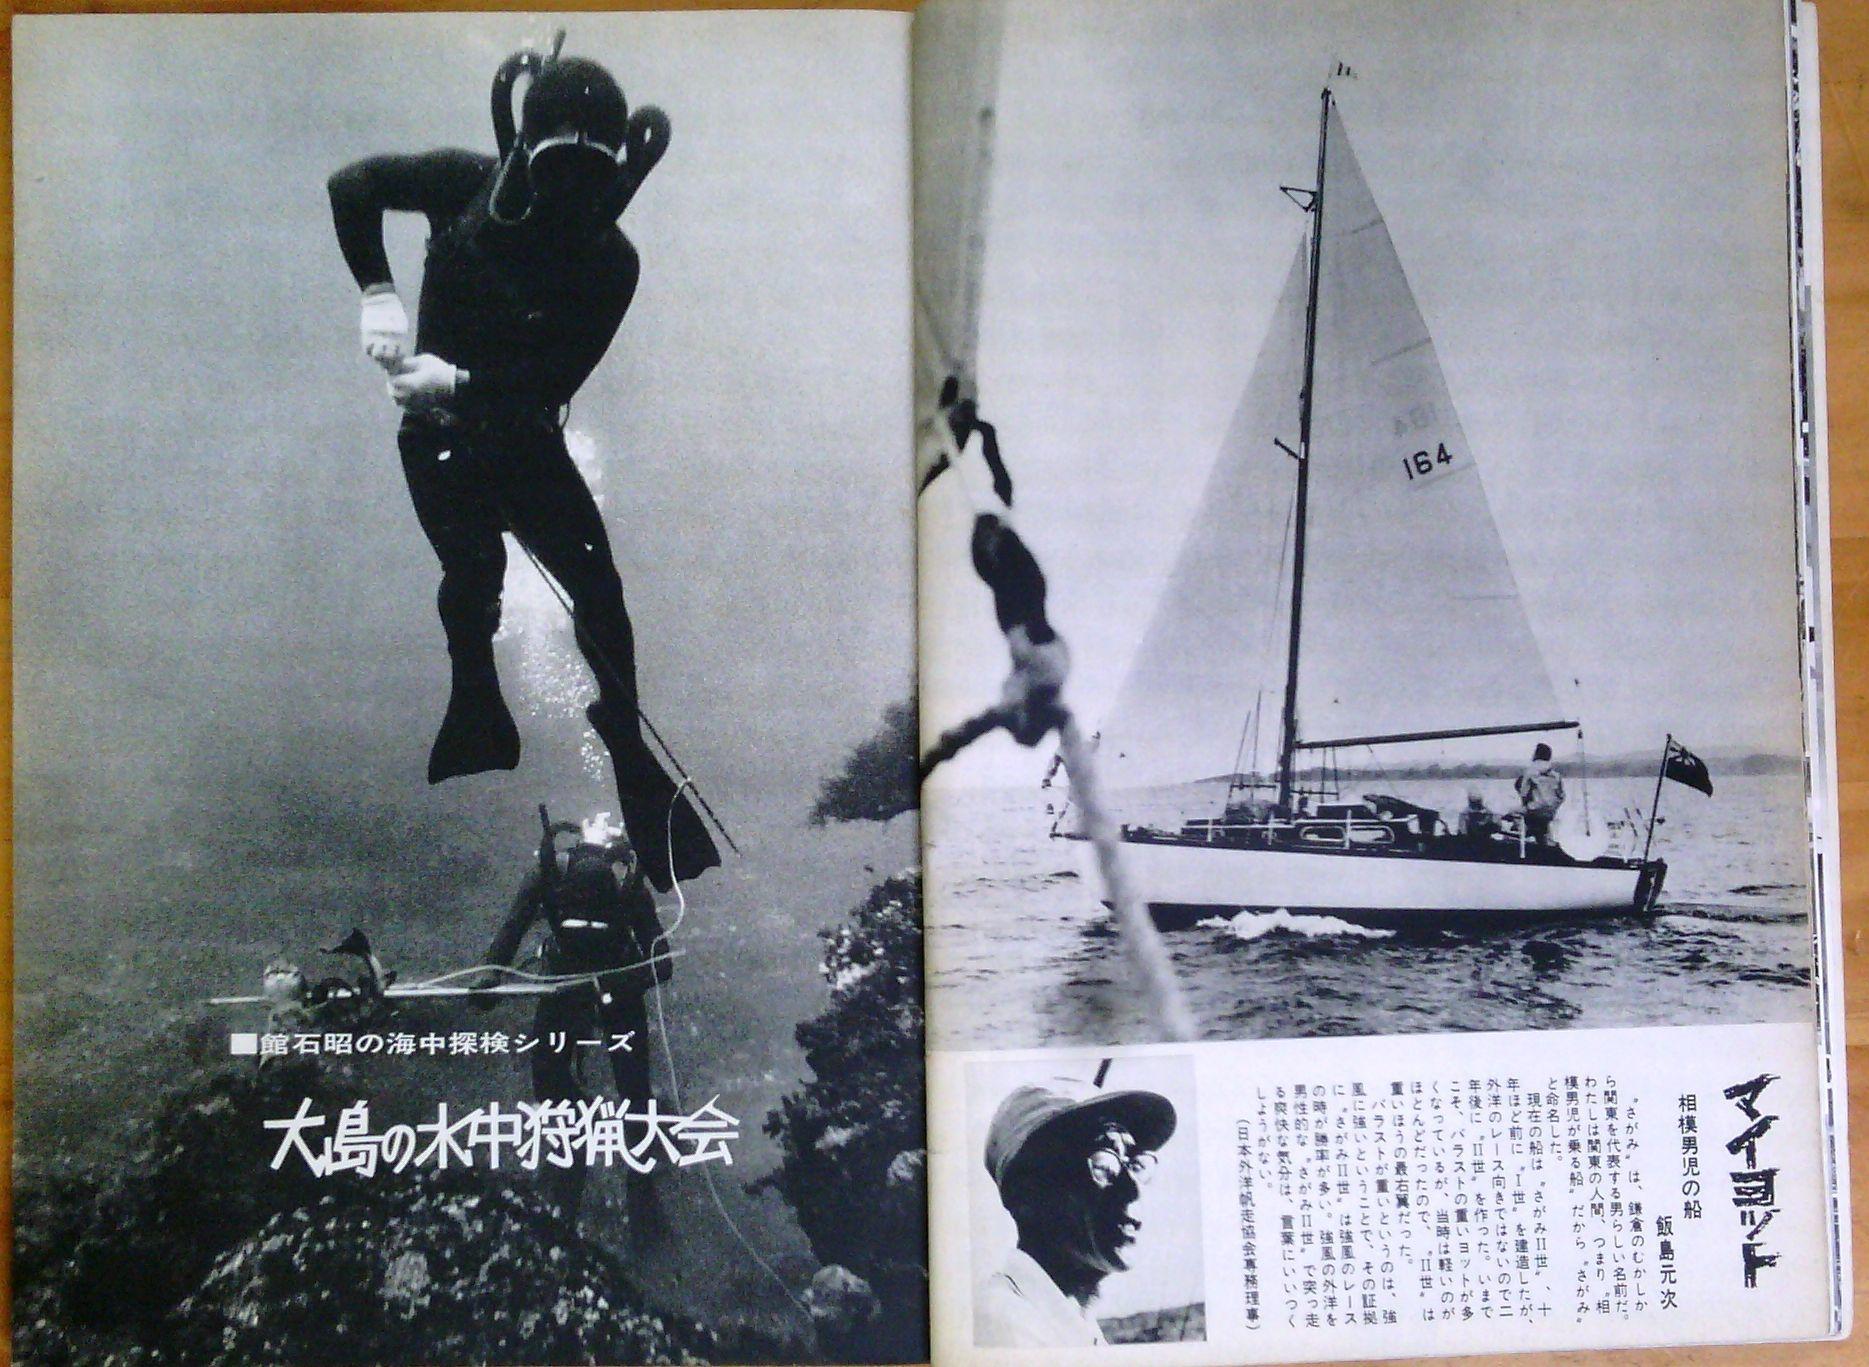 0325 ダイビングの歴史57 海の世界 1968-02_b0075059_14351419.jpg